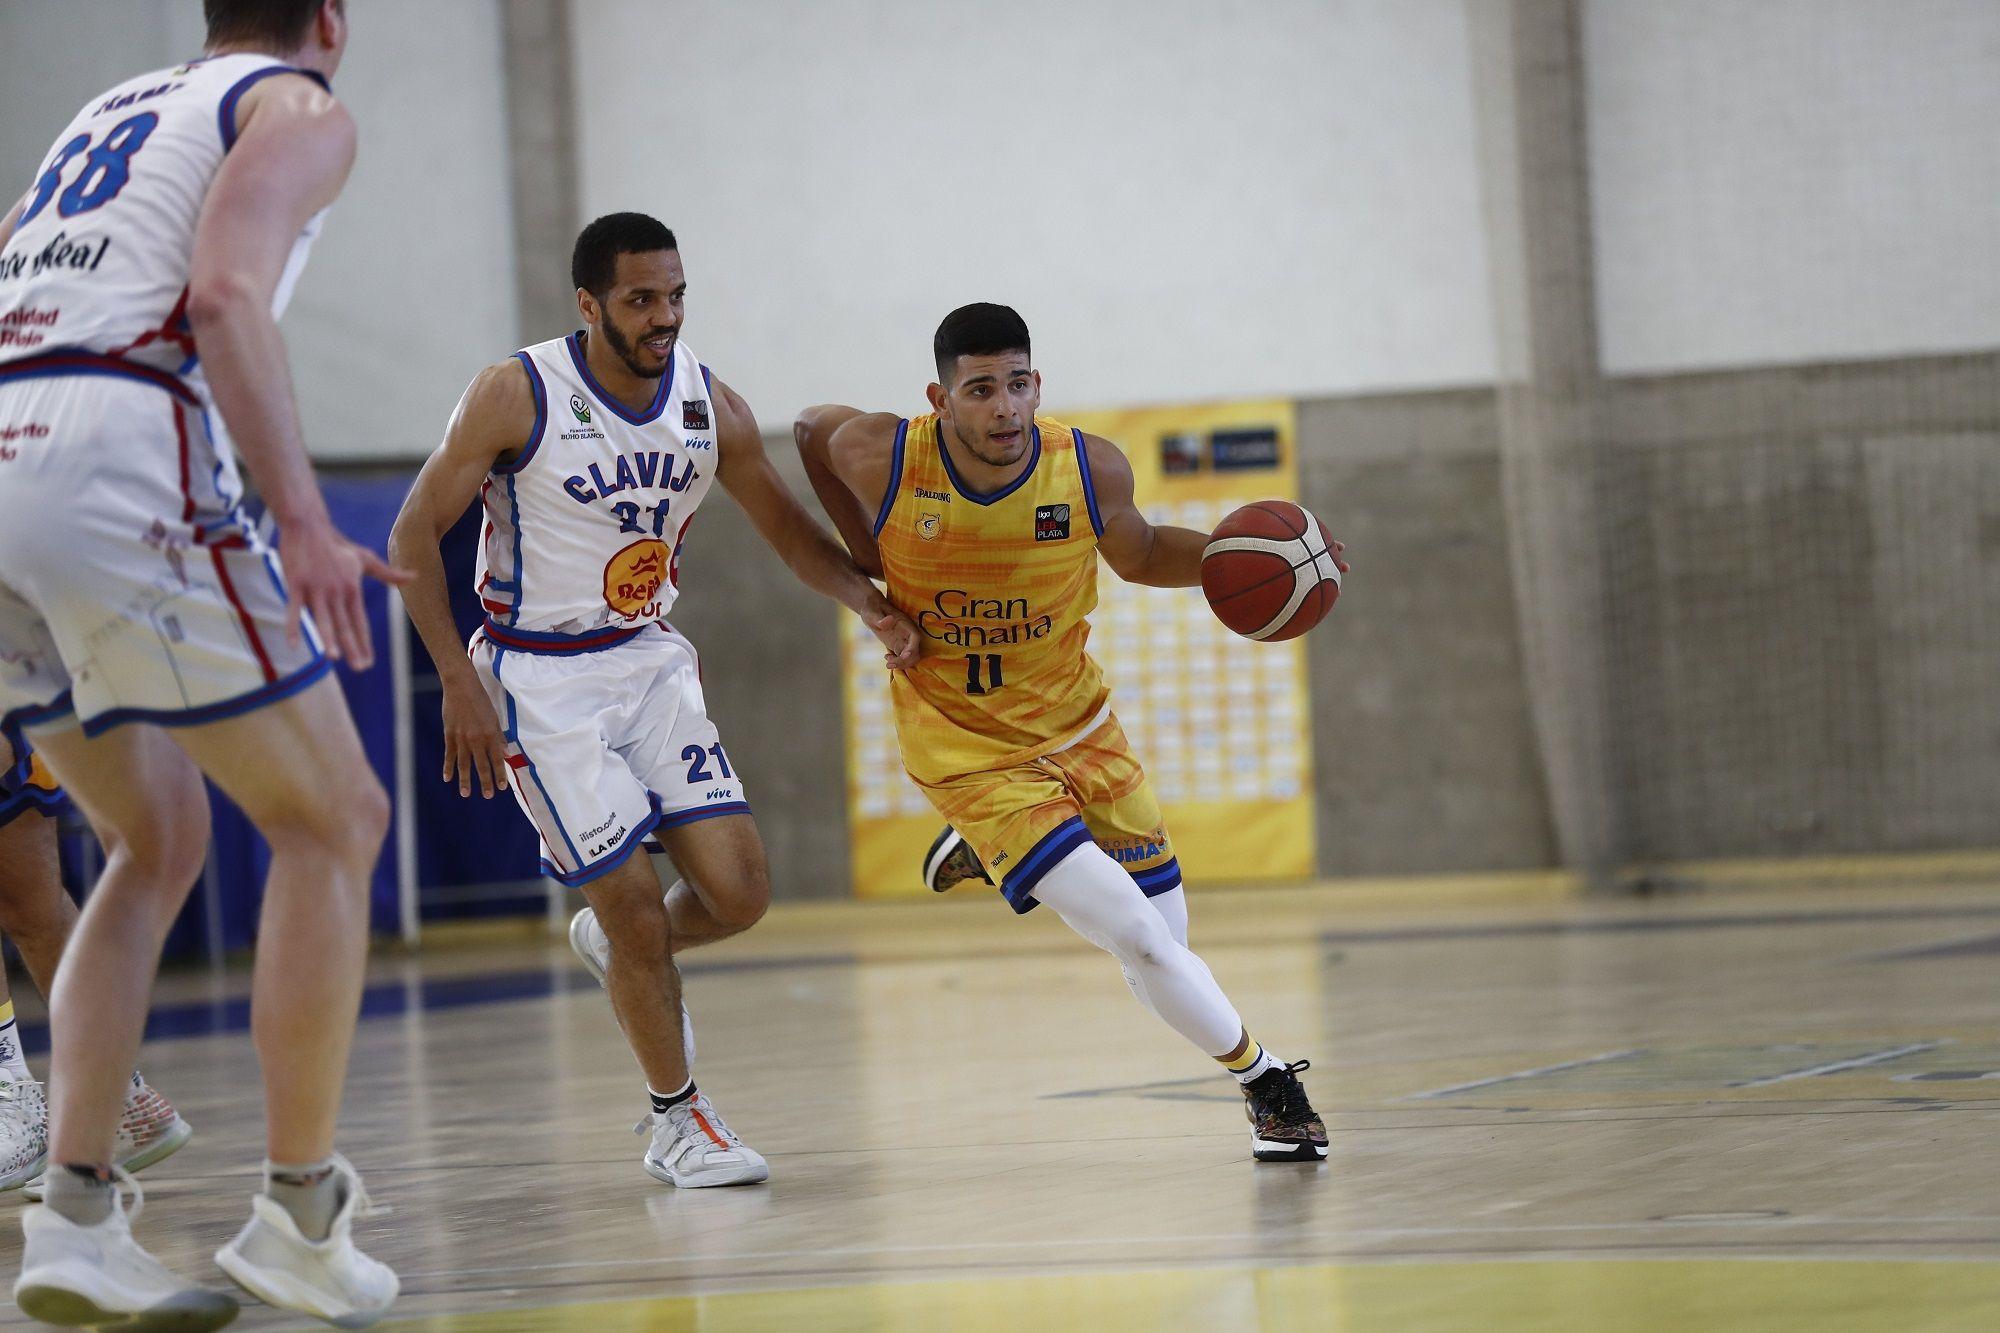 Herbalife Nutrition patrocinará las categorías inferiores del Club Baloncesto Gran Canaria